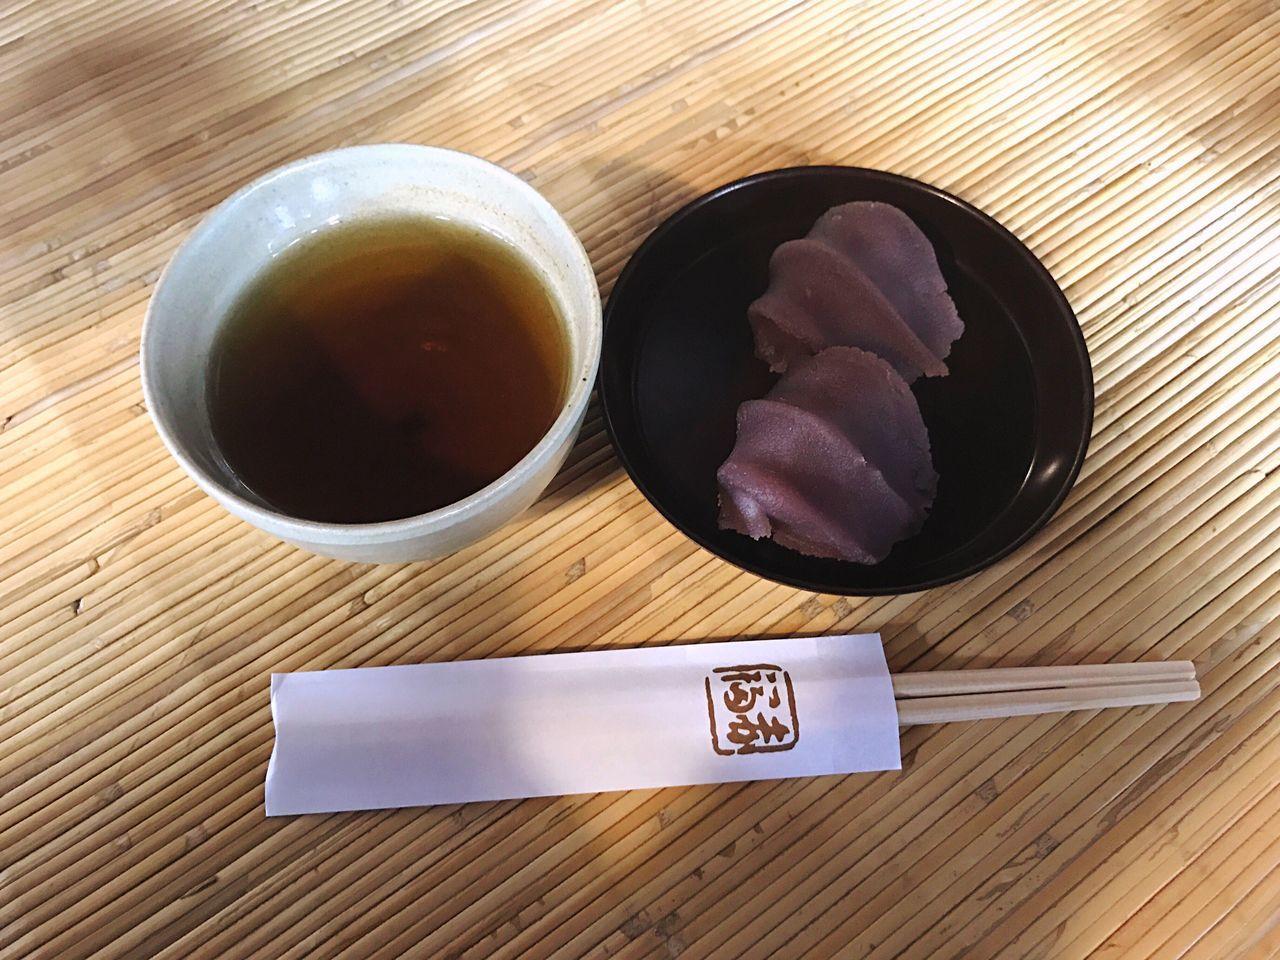 Wagashi Japanese Food Japanese Sweets Tea Roasted Tea Japanese Tea Akafuku Ise Mie First Eyeem Photo